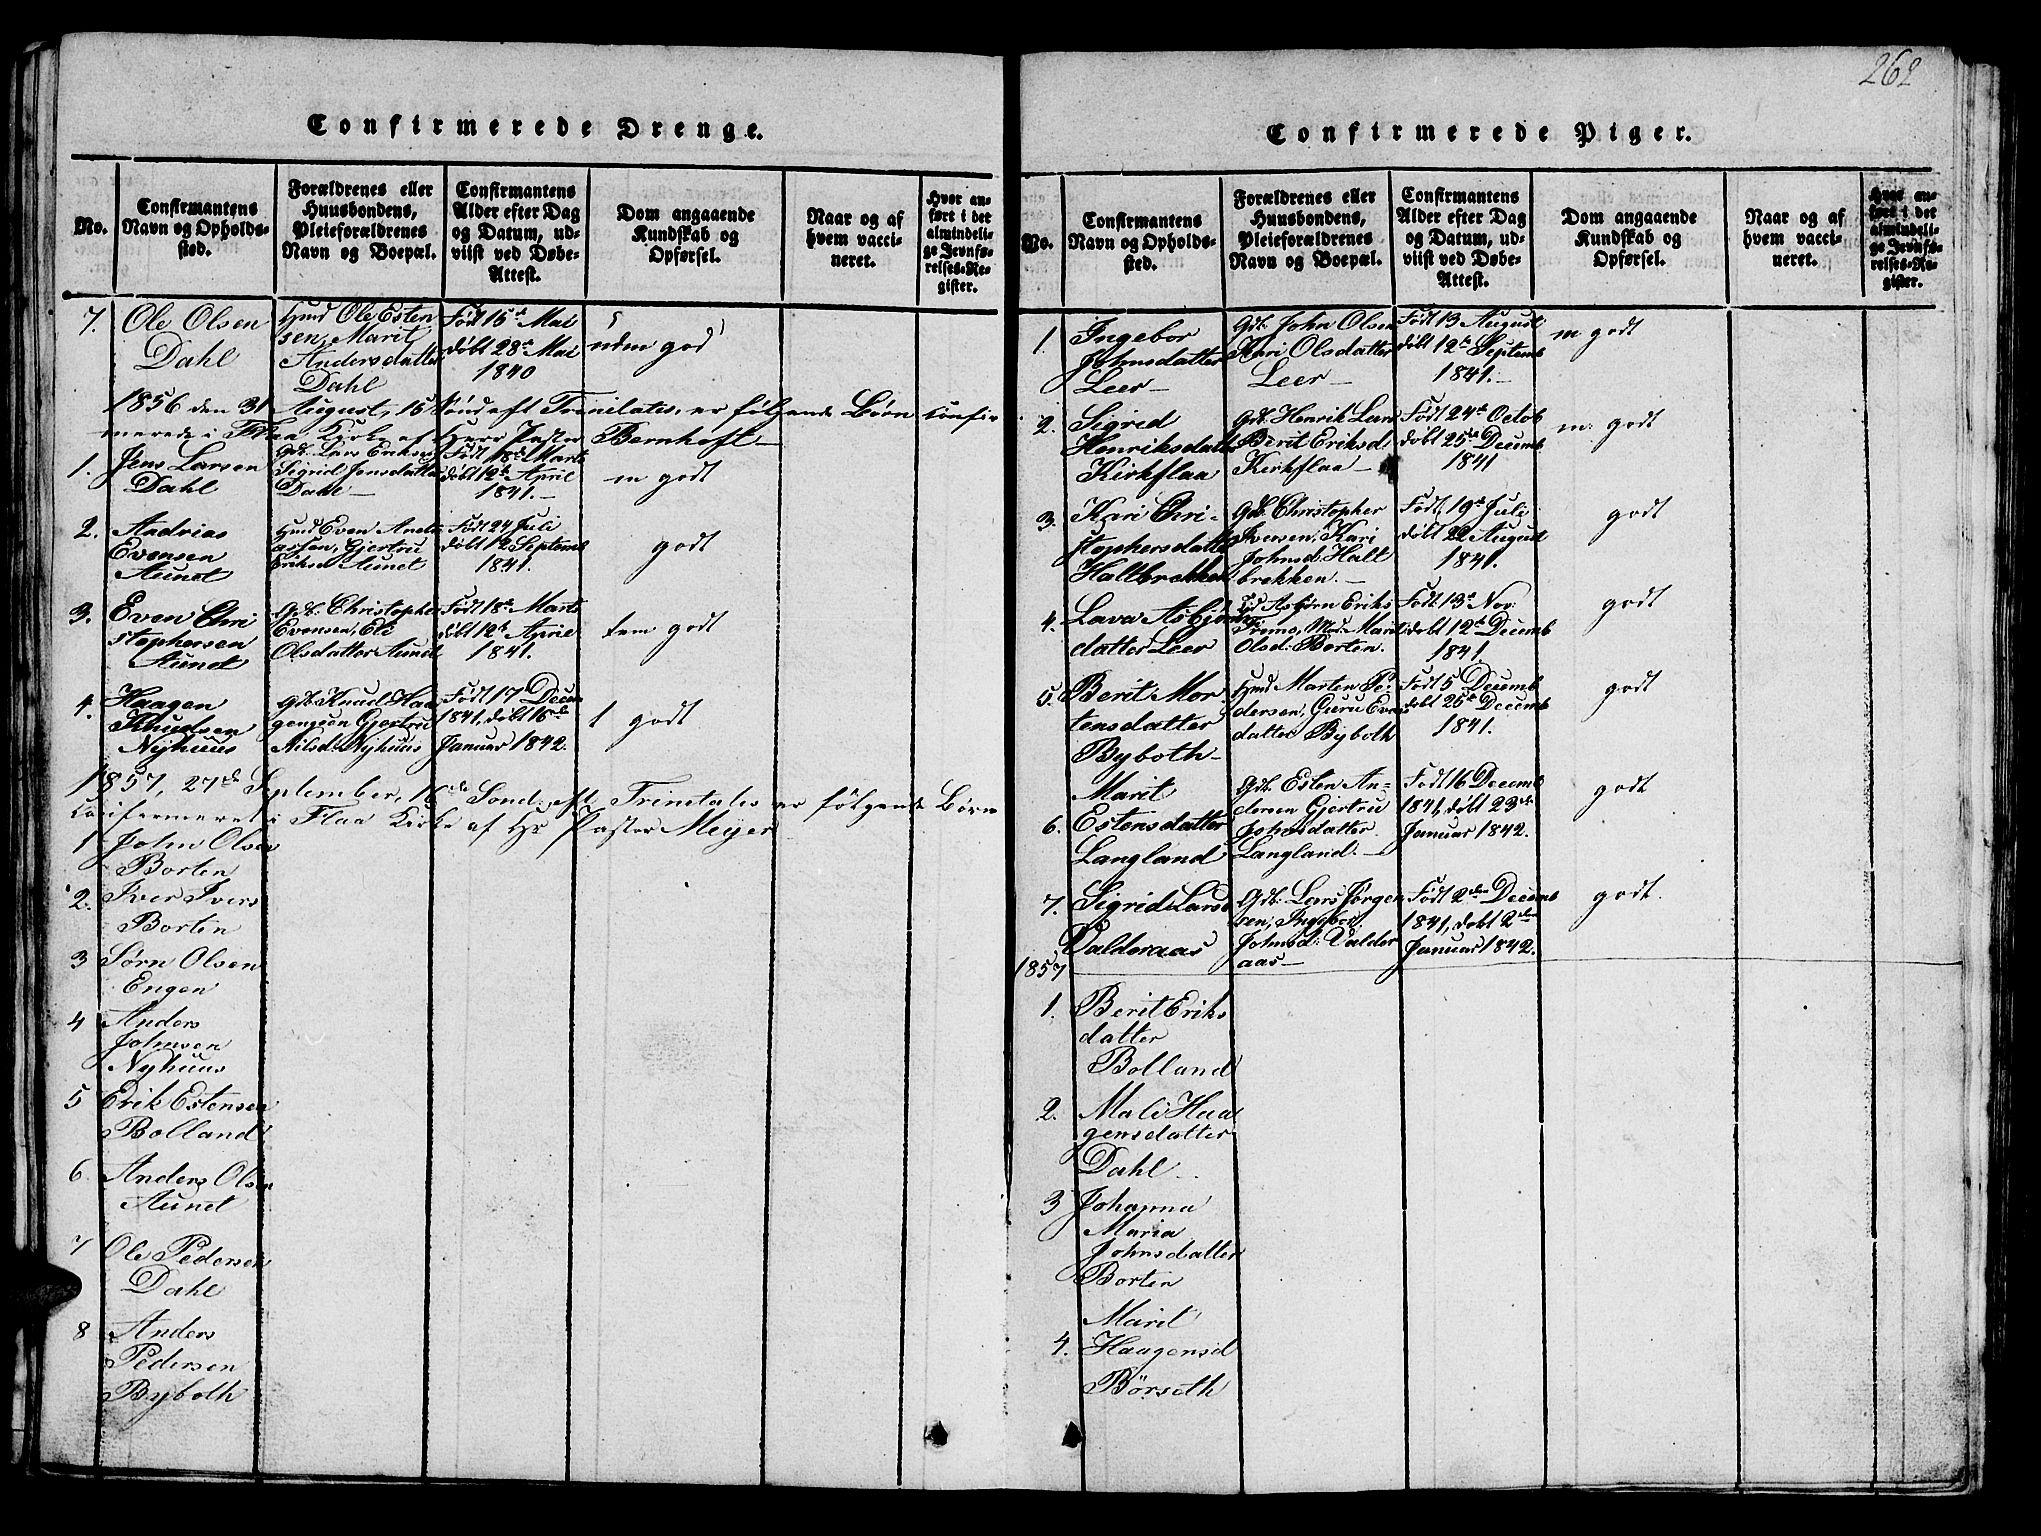 SAT, Ministerialprotokoller, klokkerbøker og fødselsregistre - Sør-Trøndelag, 693/L1121: Klokkerbok nr. 693C02, 1816-1869, s. 262